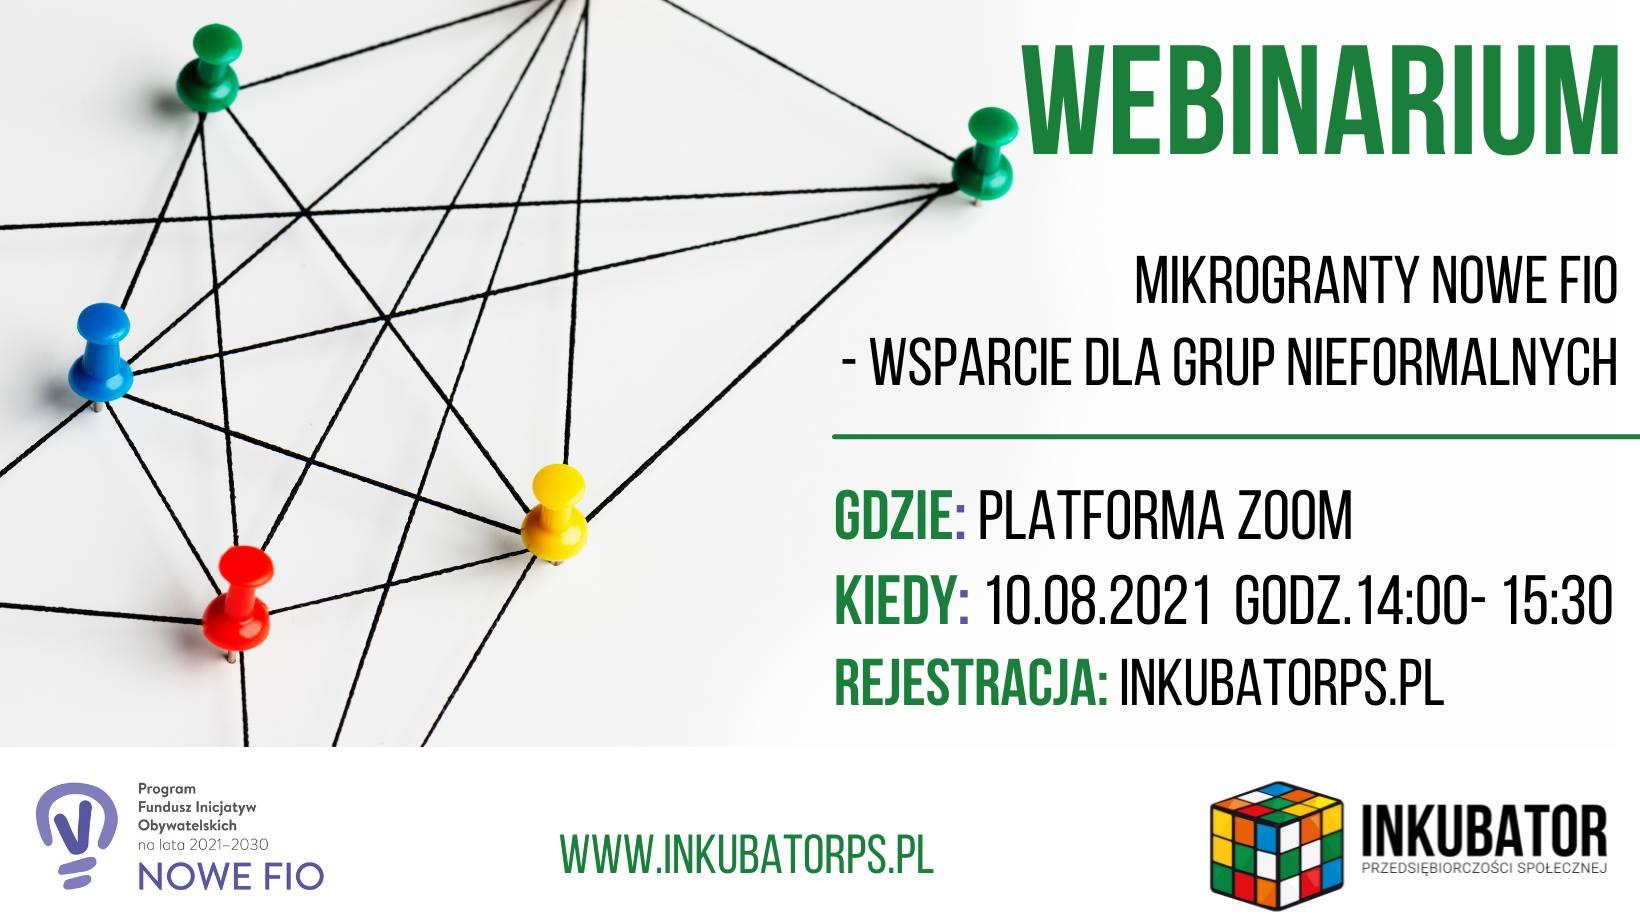 https://m.powiatszczycienski.pl/2021/08/orig/227733746-250068240292215-6817660372676105321-n-42236.jpg